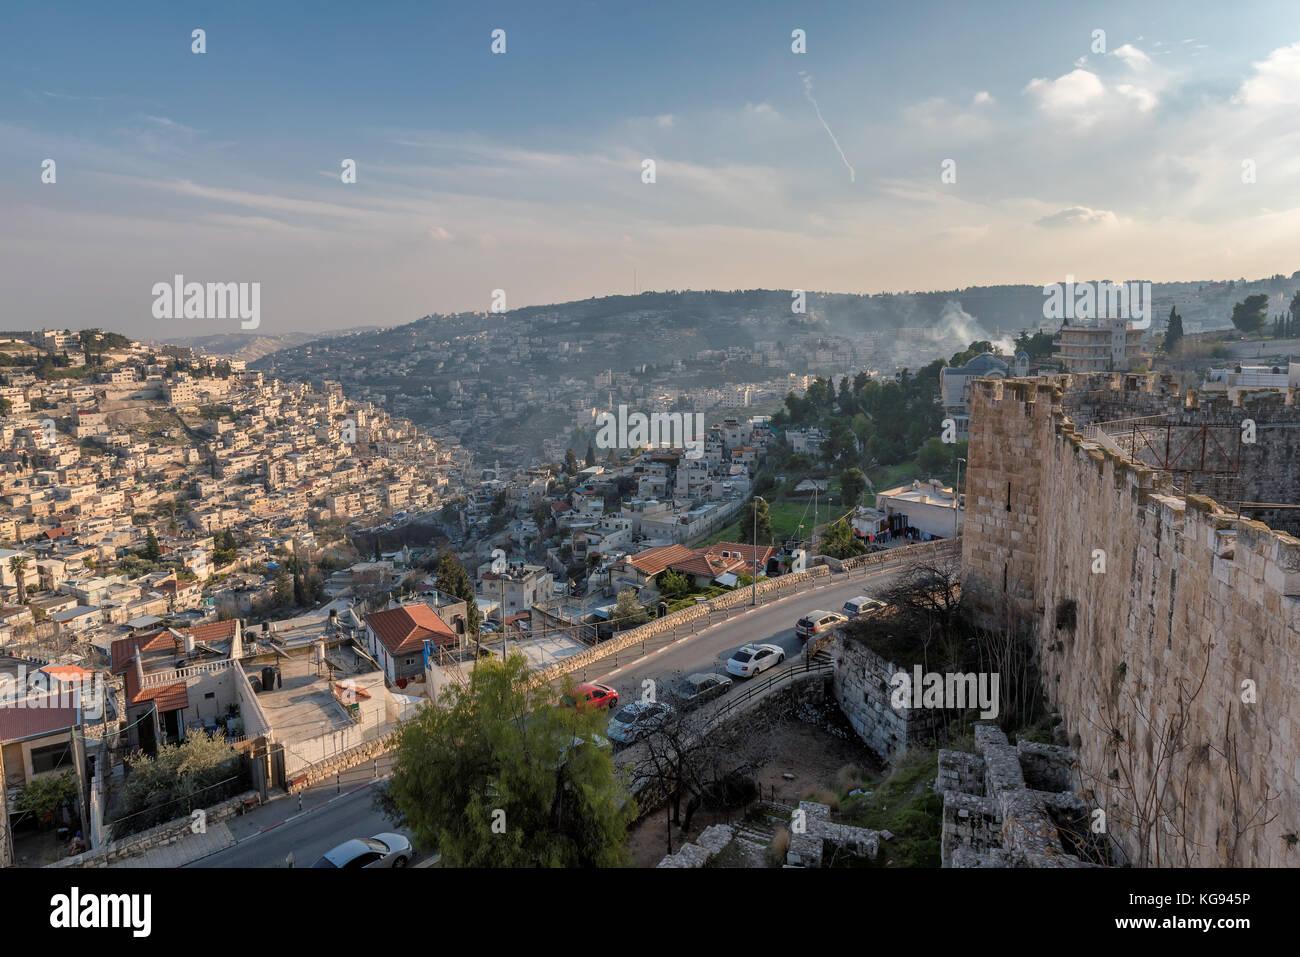 Jerusalem Old City, Israel. Stock Photo